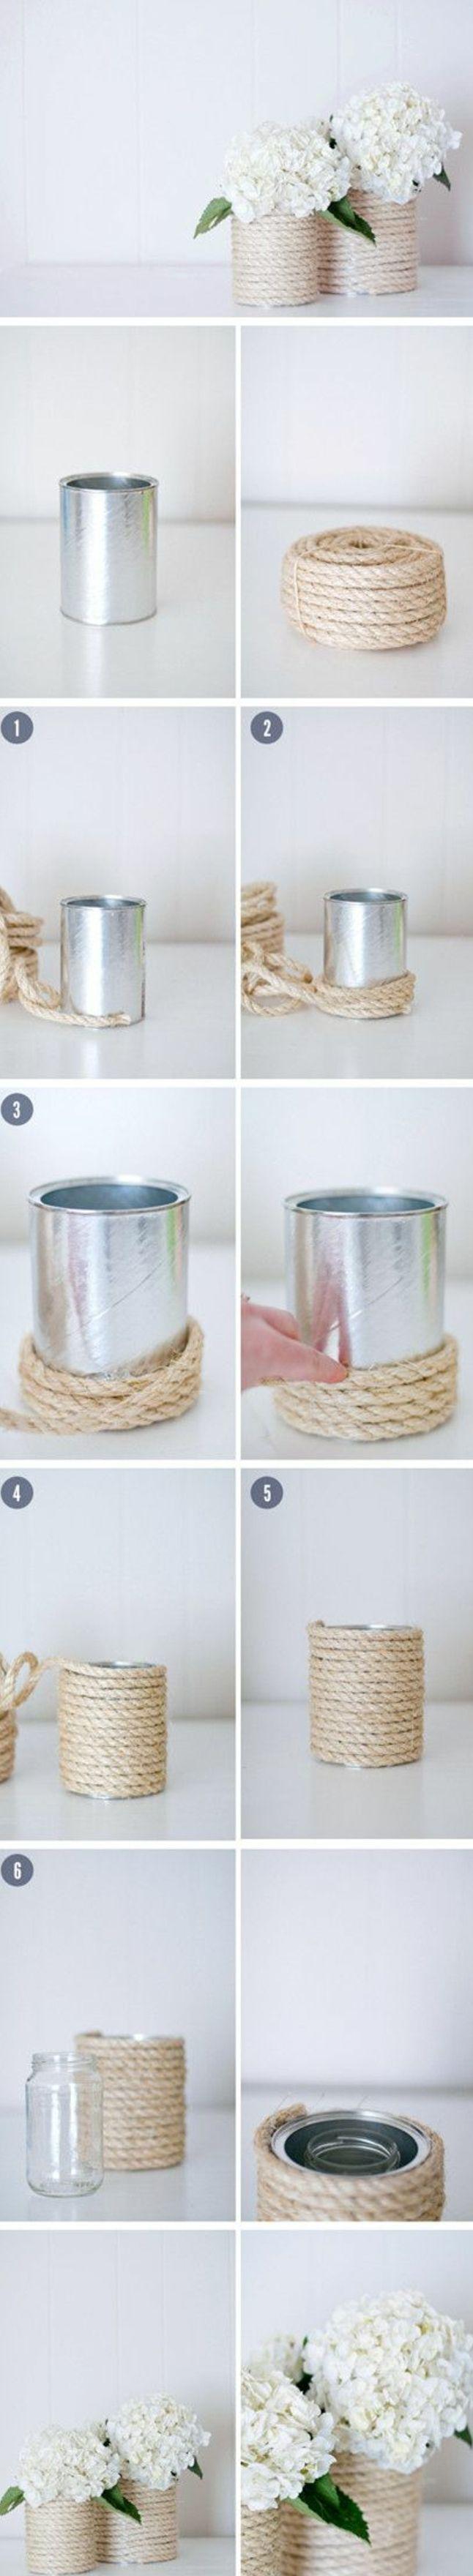 vase-de-fleur-fabriqué-à-partir-de-boite-de-conserve-customisée-a-la-corde-enroulée-autour-idée-de-projet-bricolage-facile-cadeau-pour-sa-maman-a-fabriquer-facilement-tutoriel